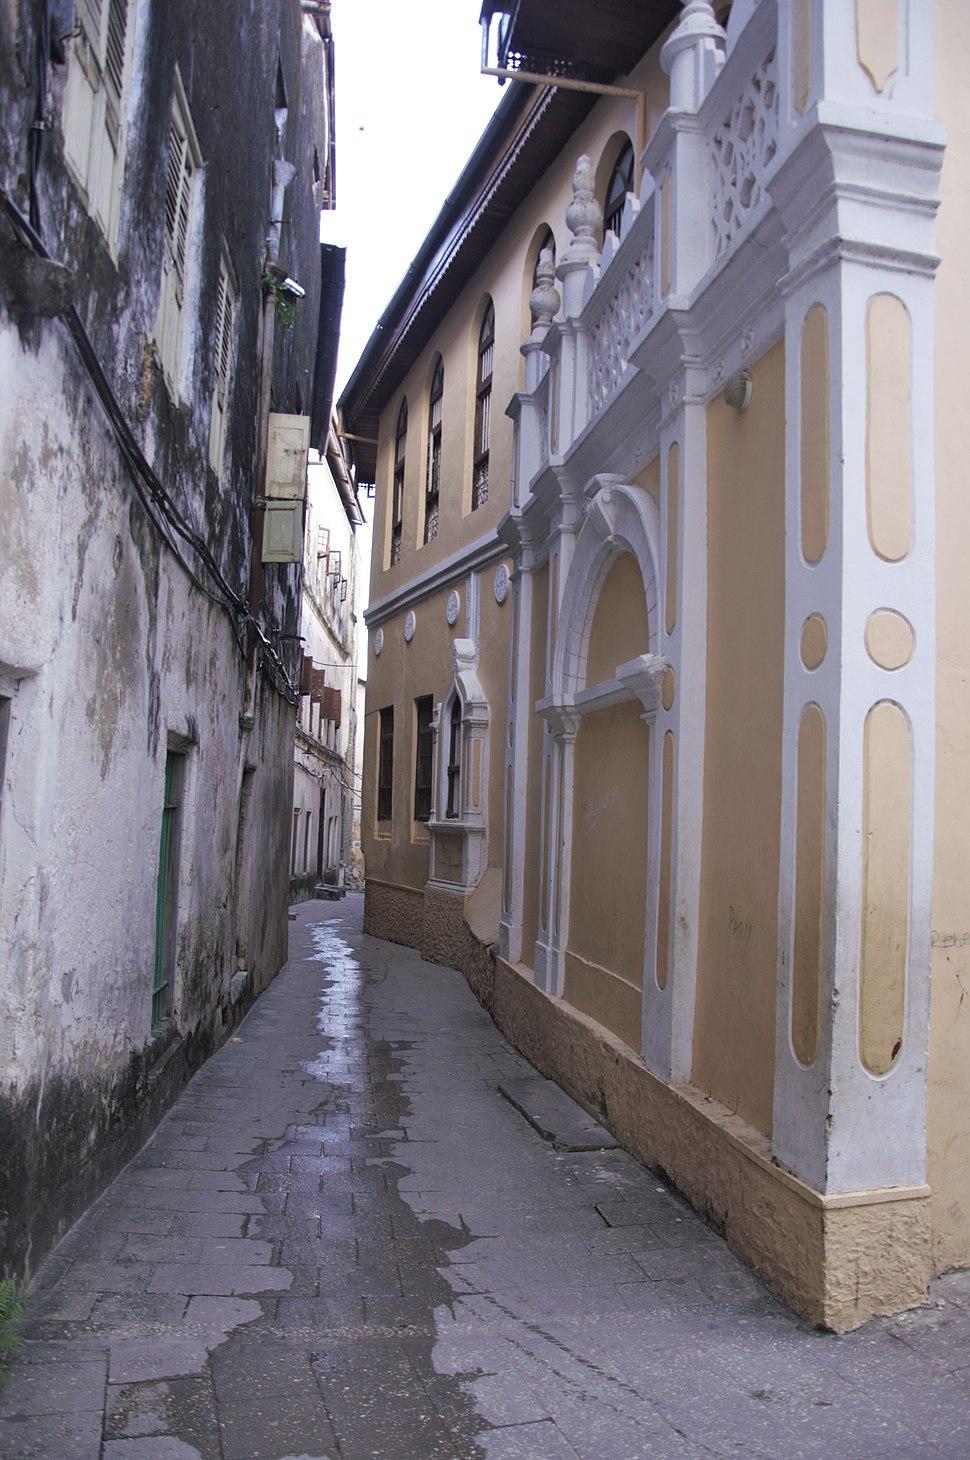 The narrow alley in the stone city of Zanzibar